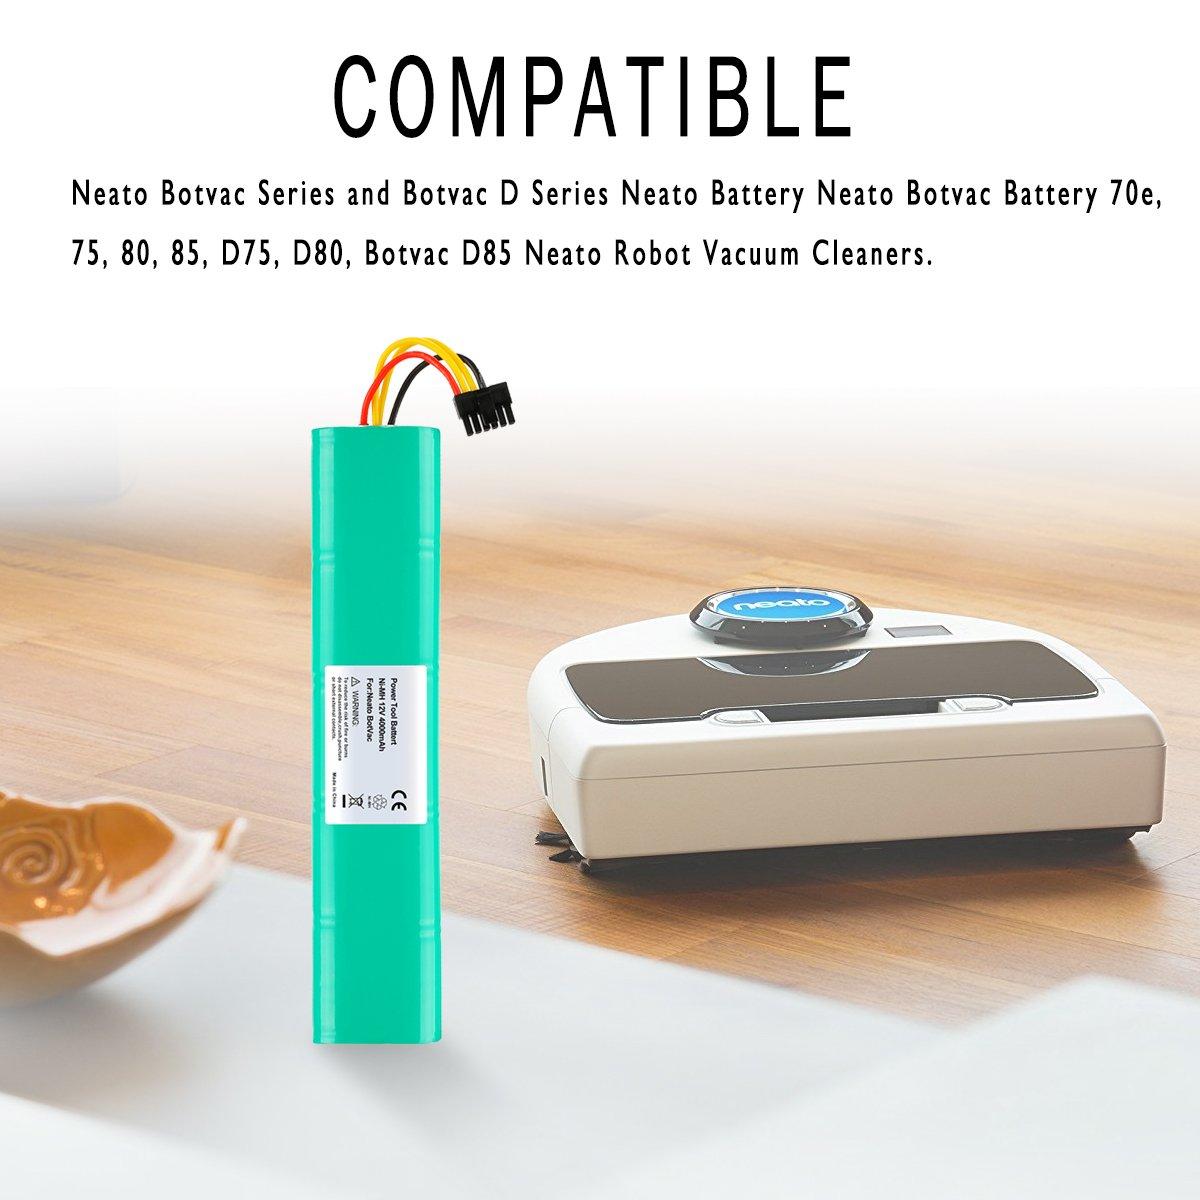 ANTRobut - Batería de Repuesto para Neato Botvac, Serie D y Botvac, 4000 mAh, 12 V, NiMh, Serie Robots Botvaca 70e, 75, 80, 85, D75, D80, BotvacD85 Neato ...